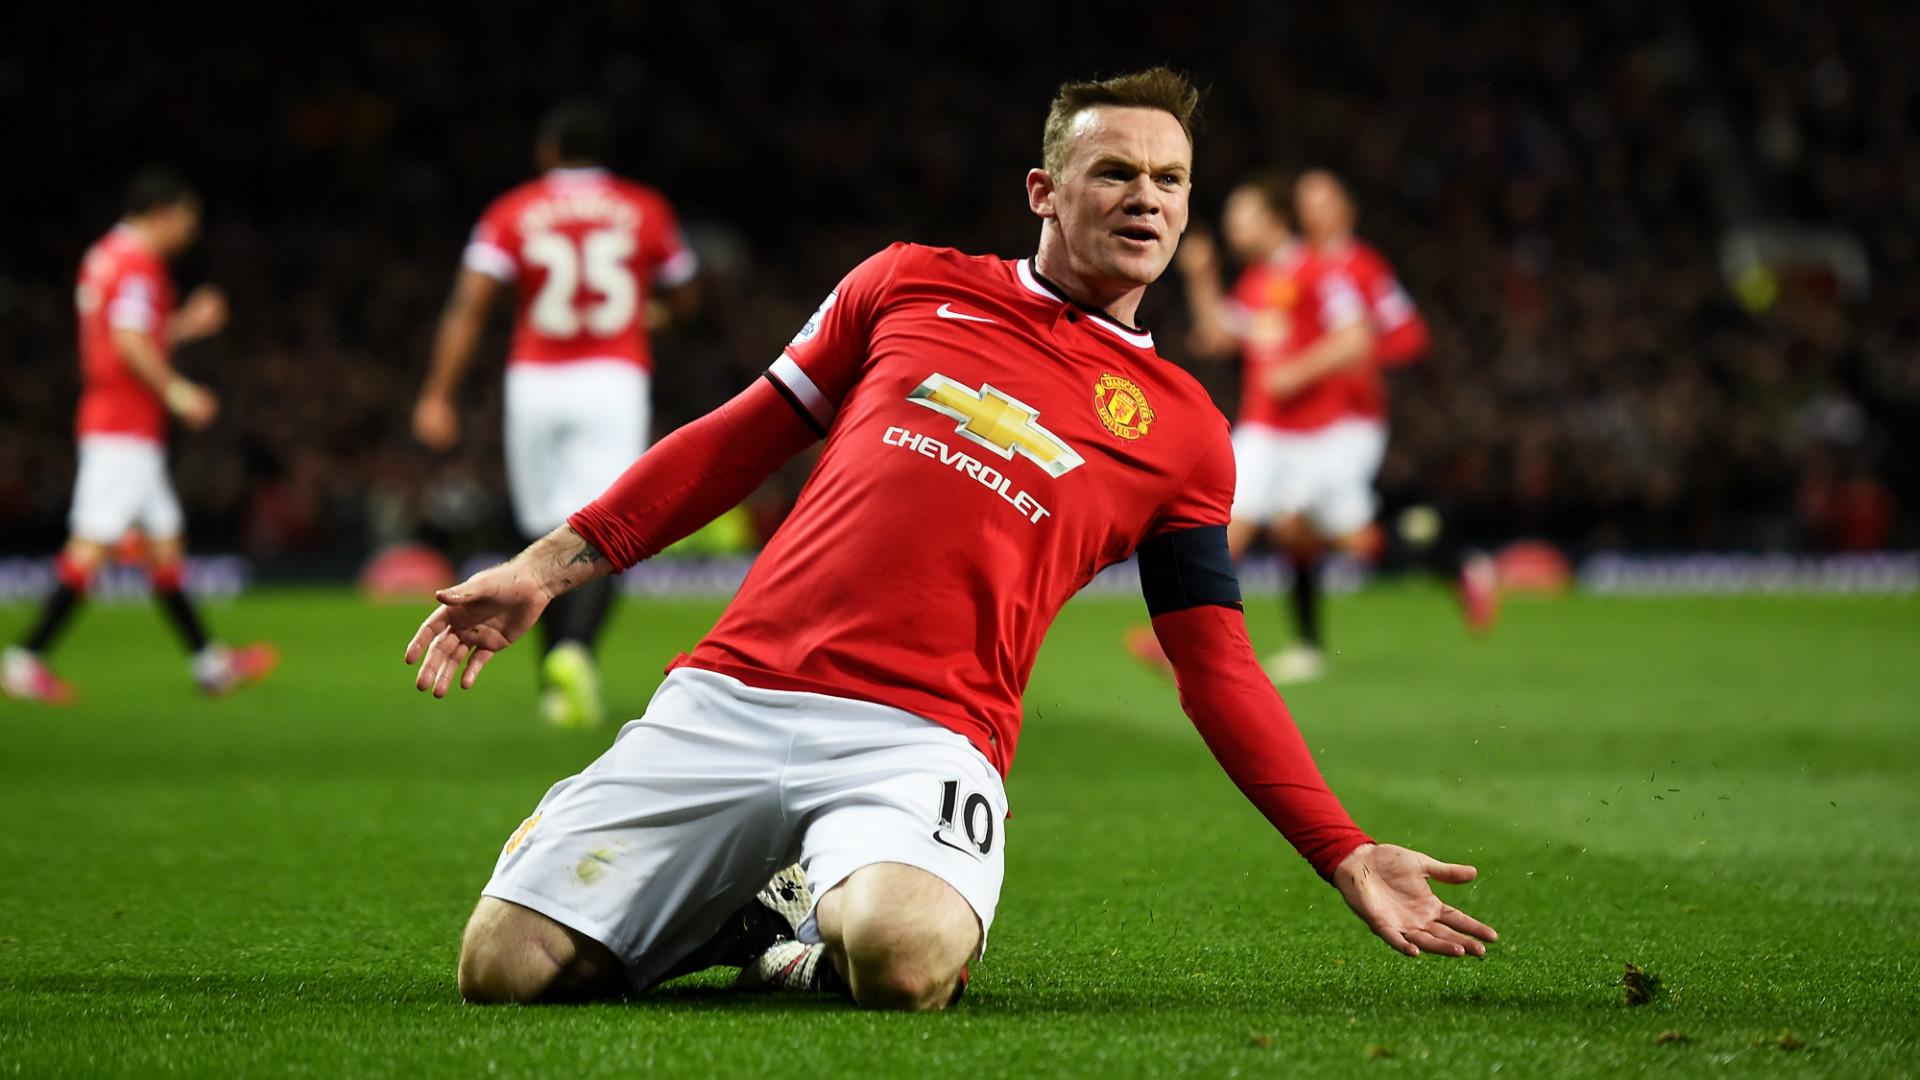 Kết quả hình ảnh cho Rooney